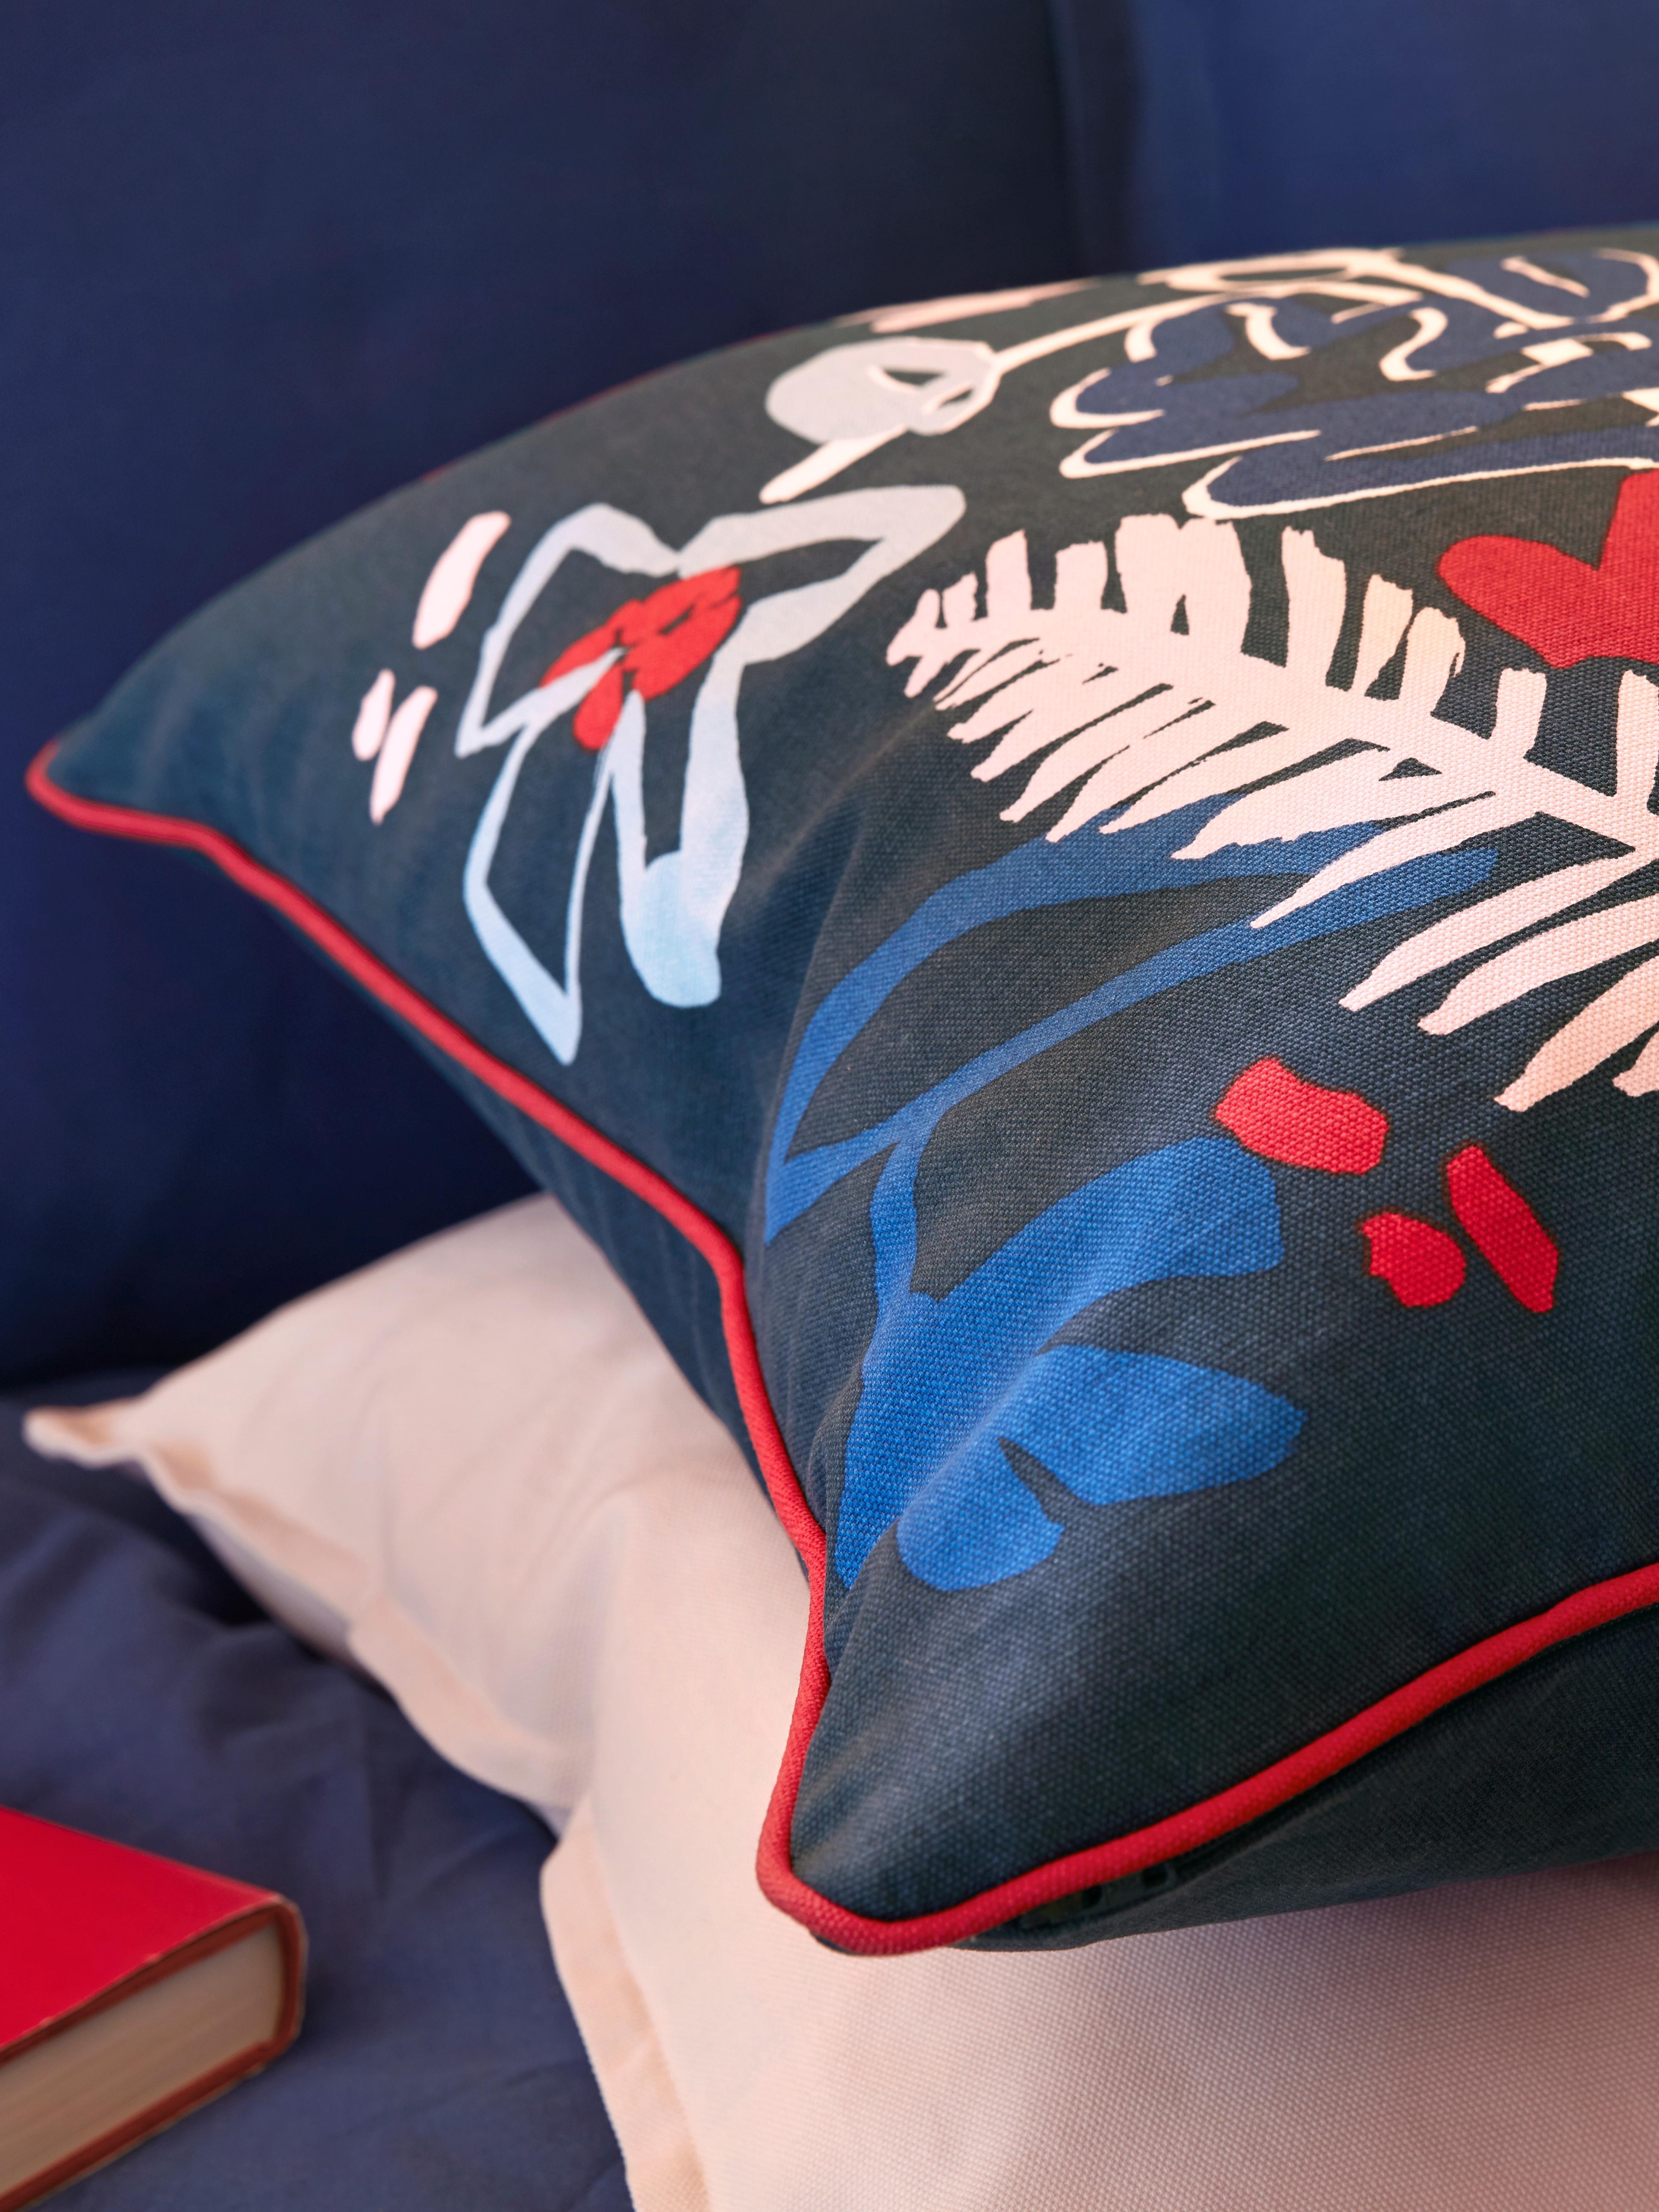 Ukrasni jastuk s MÅLARBORSTE ukrasnom jastučnicom plave boje i više boja, na drugom rozom ukrasnom jastuku i pored knjige.